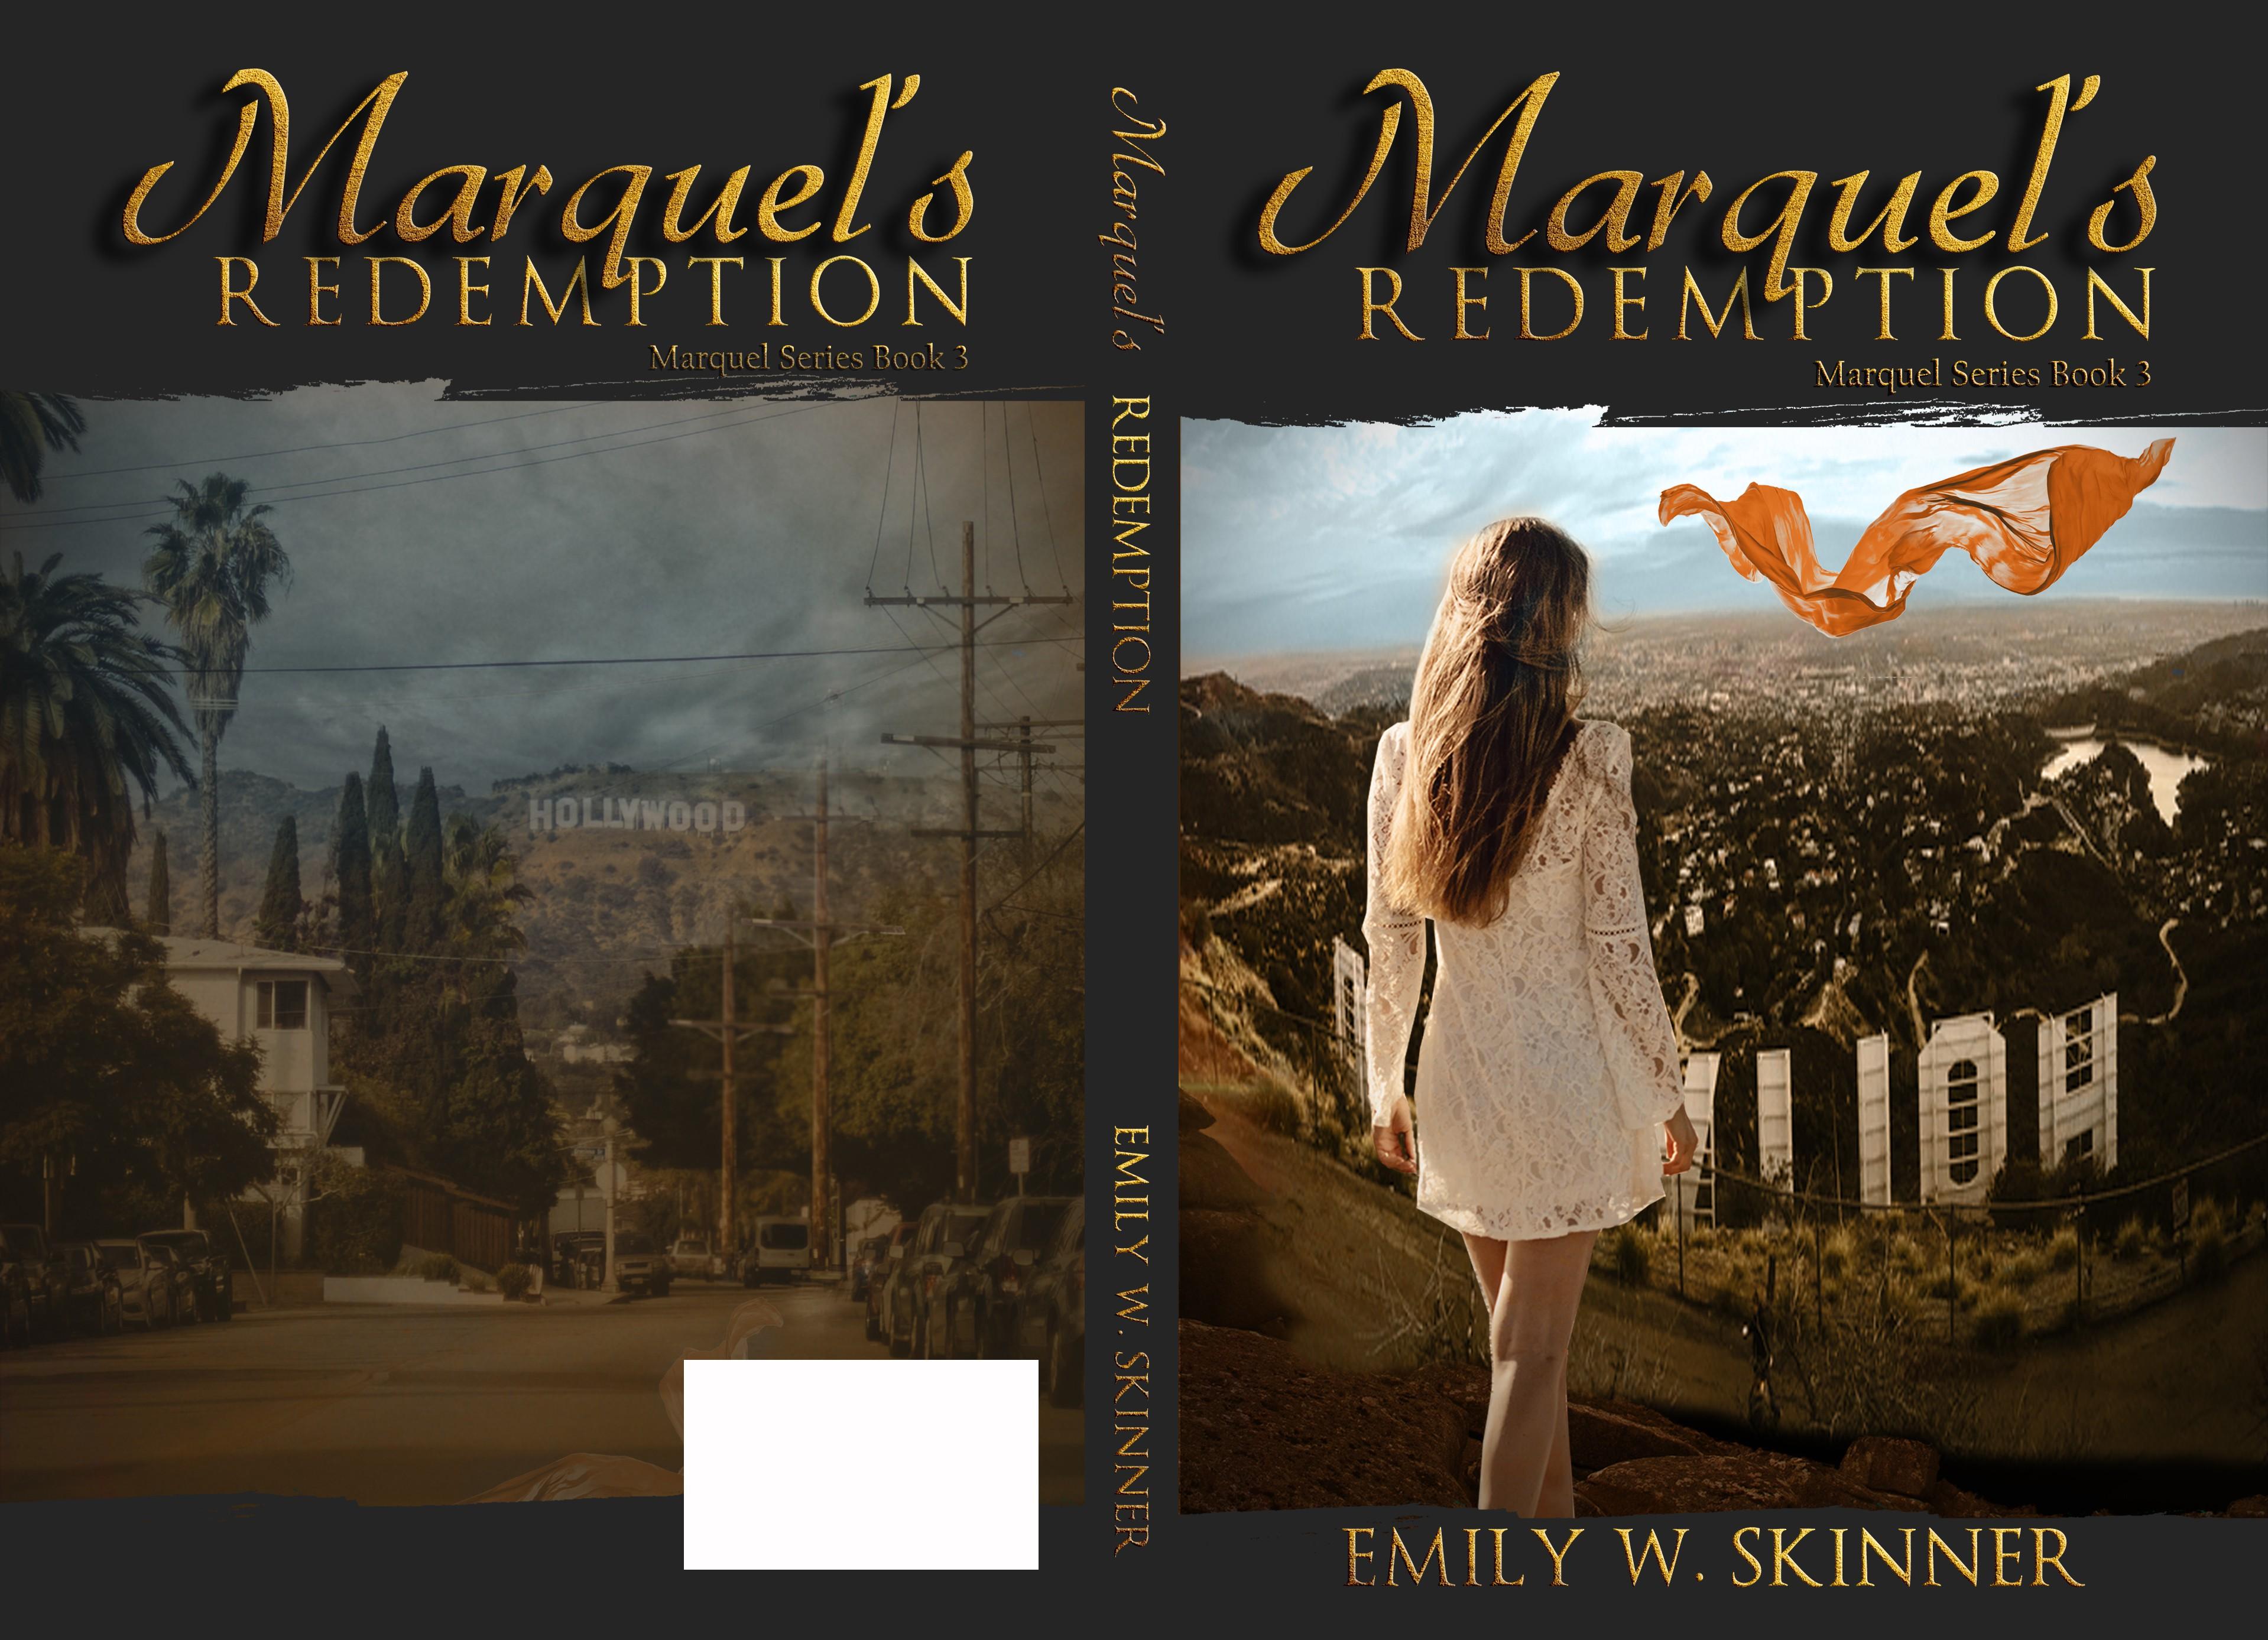 Marquel's Redemption